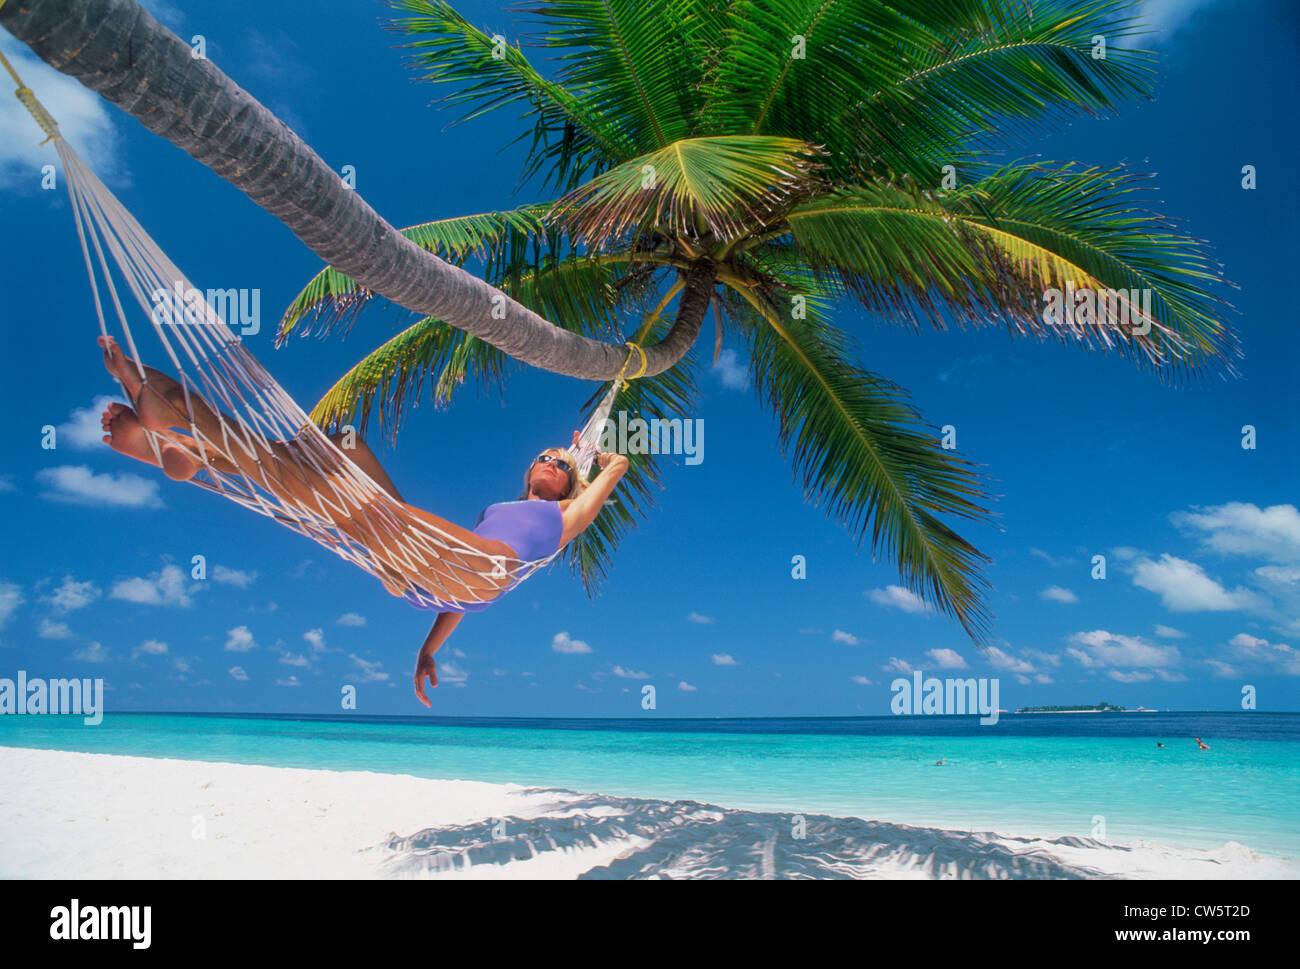 Mujer en hamaca bajo palmeras en un idílico entorno de vacaciones Imagen De Stock